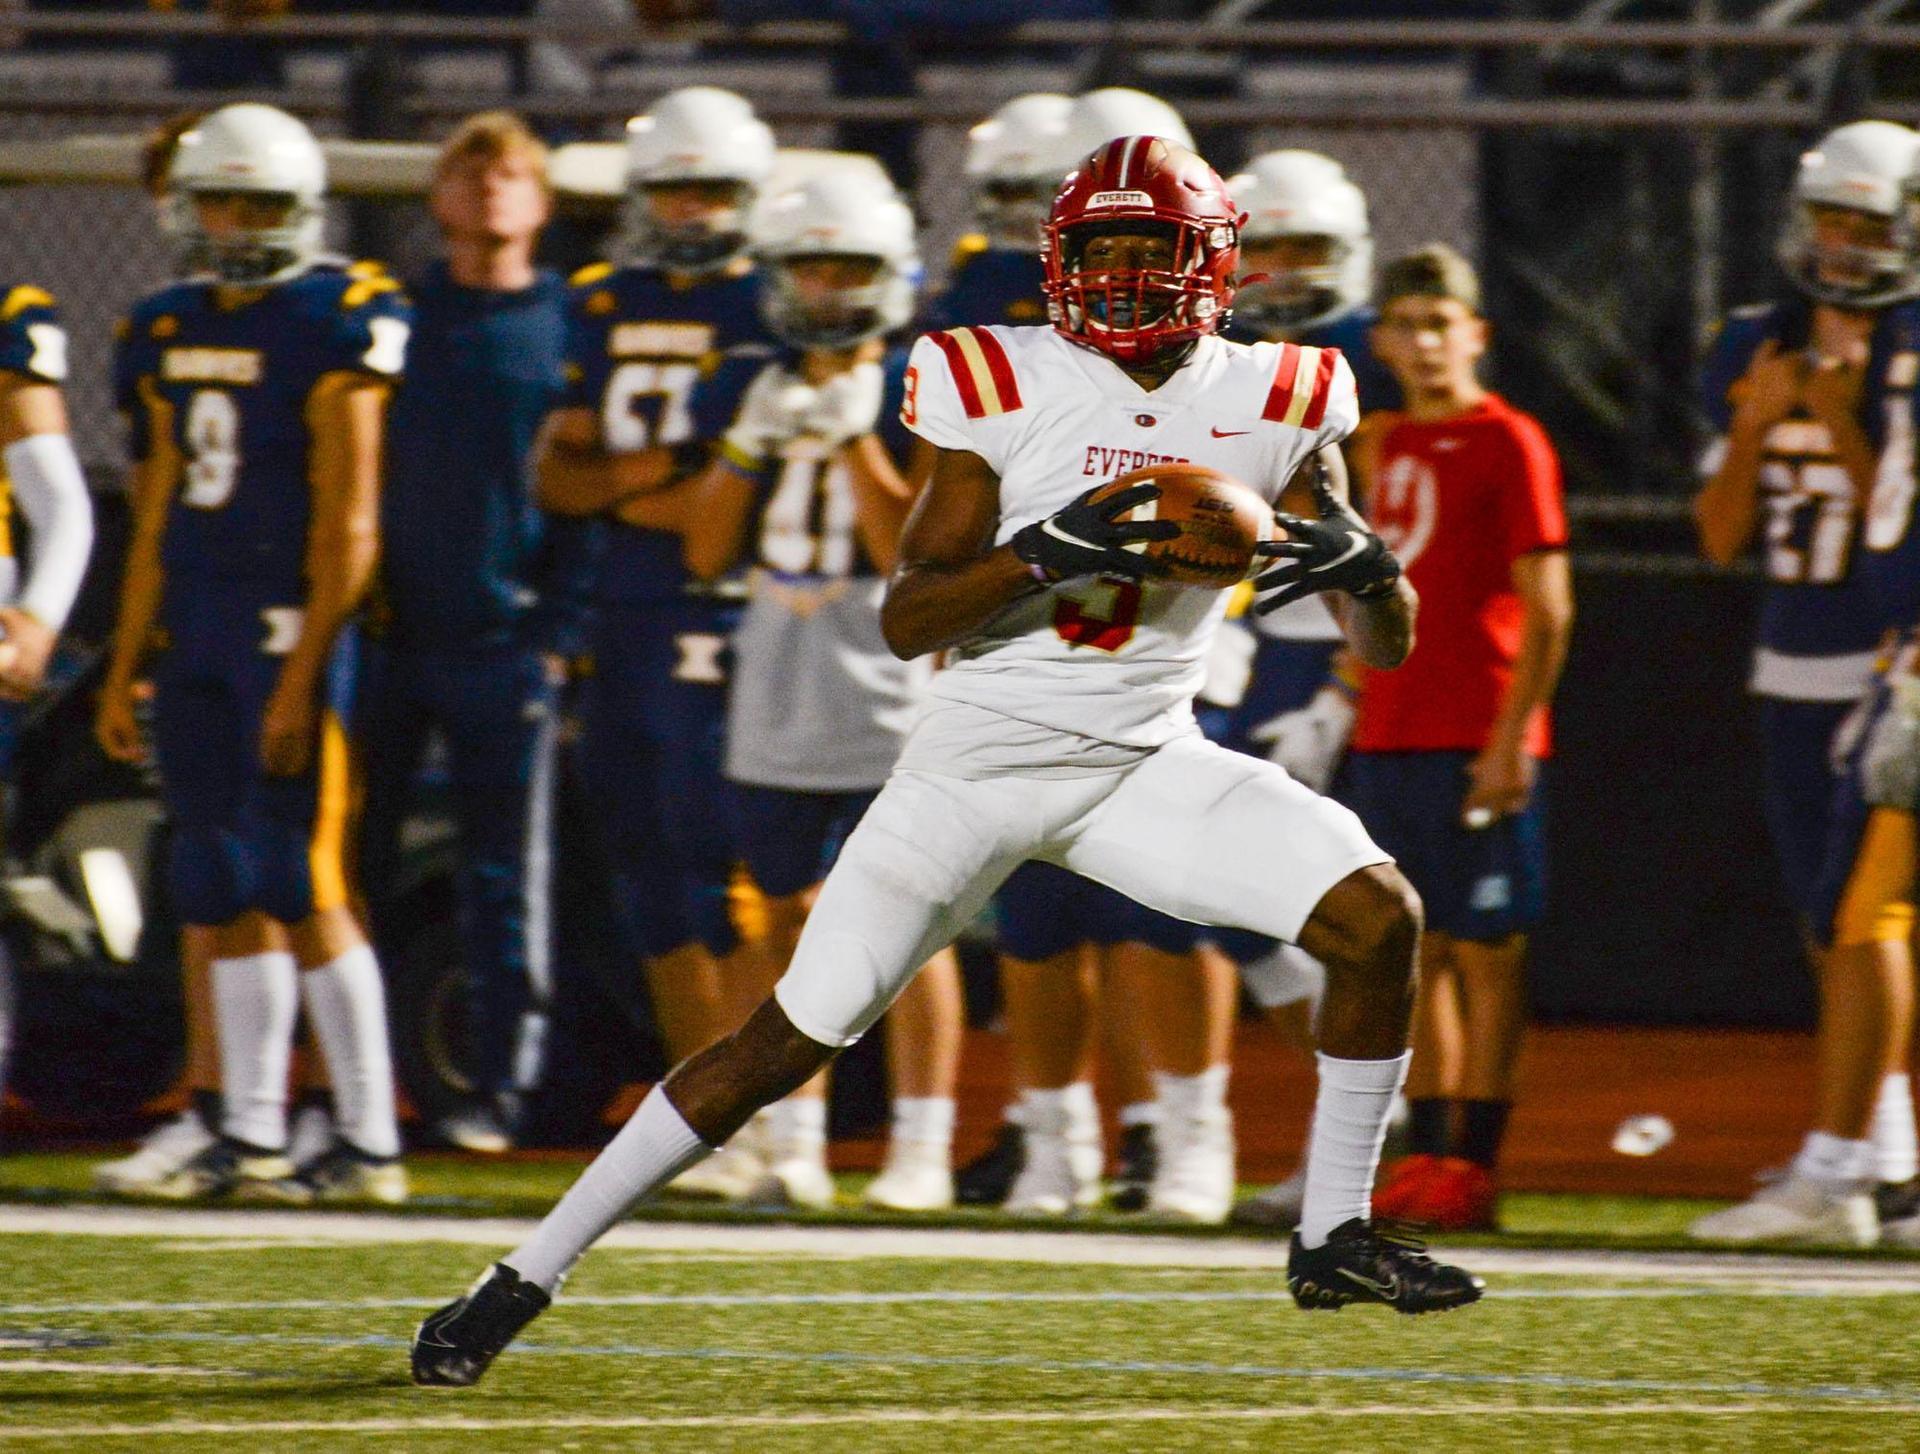 An EHS player running into the open field